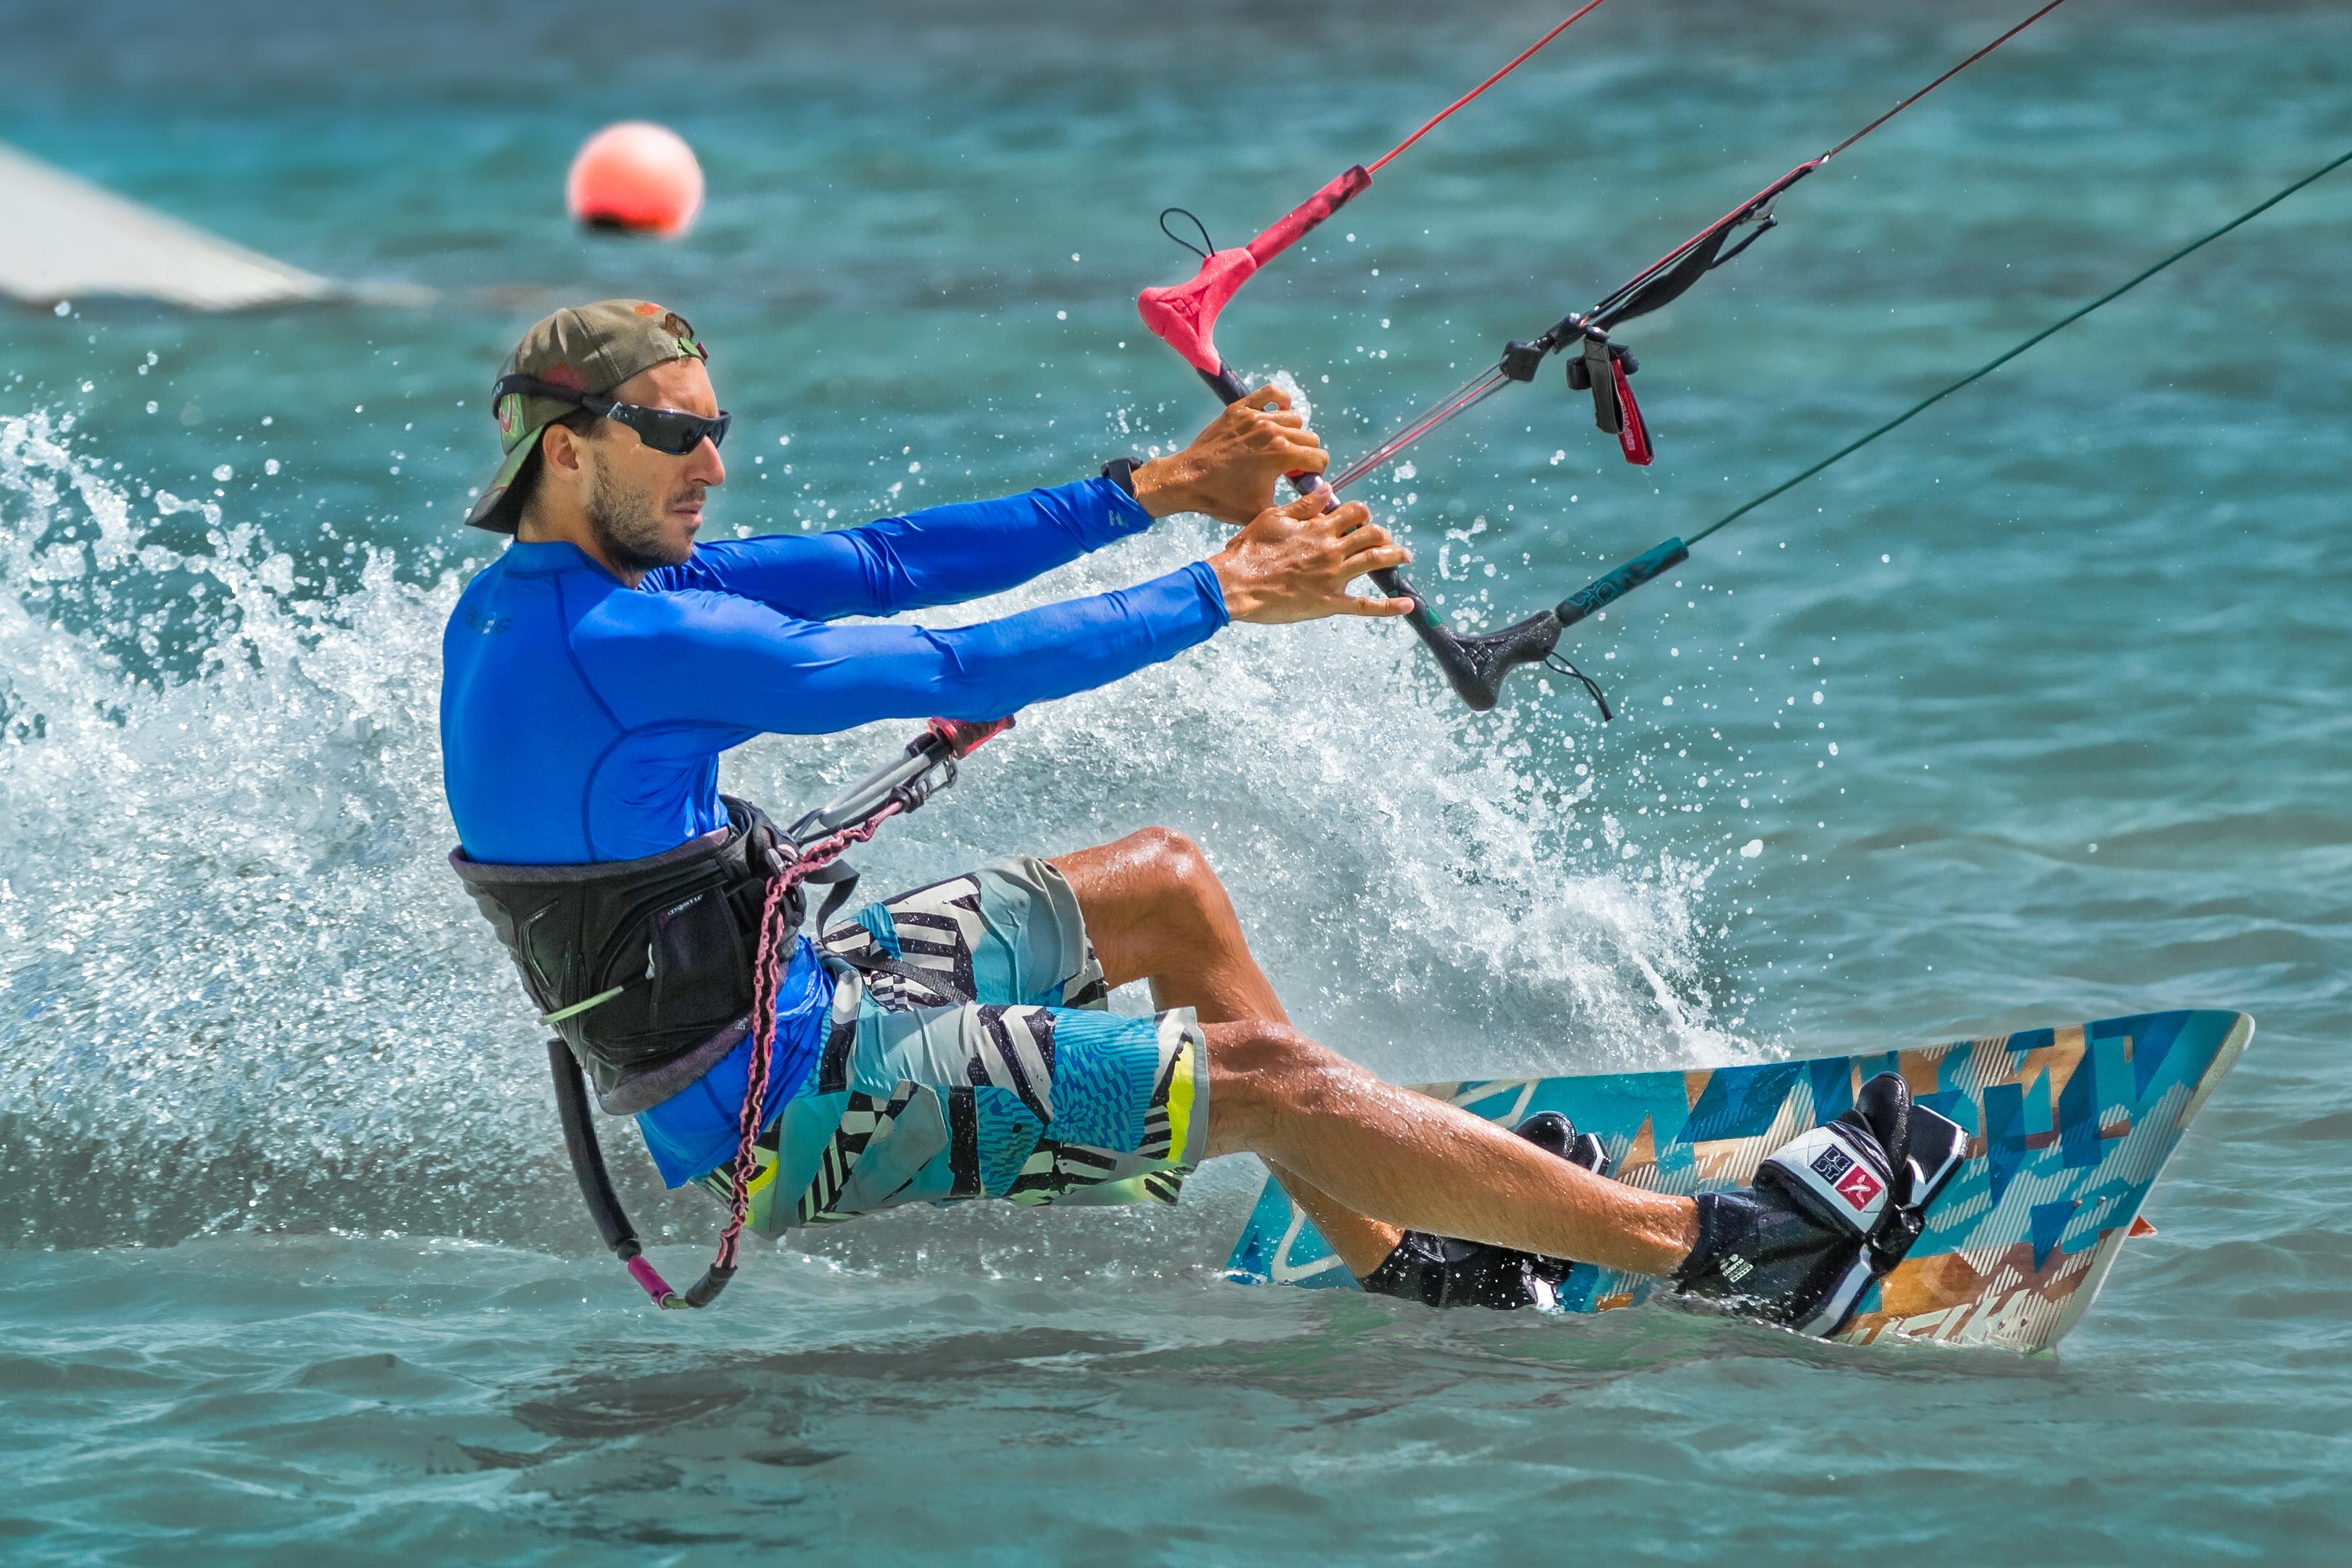 Aruba Kitesurfer Blue Shirt